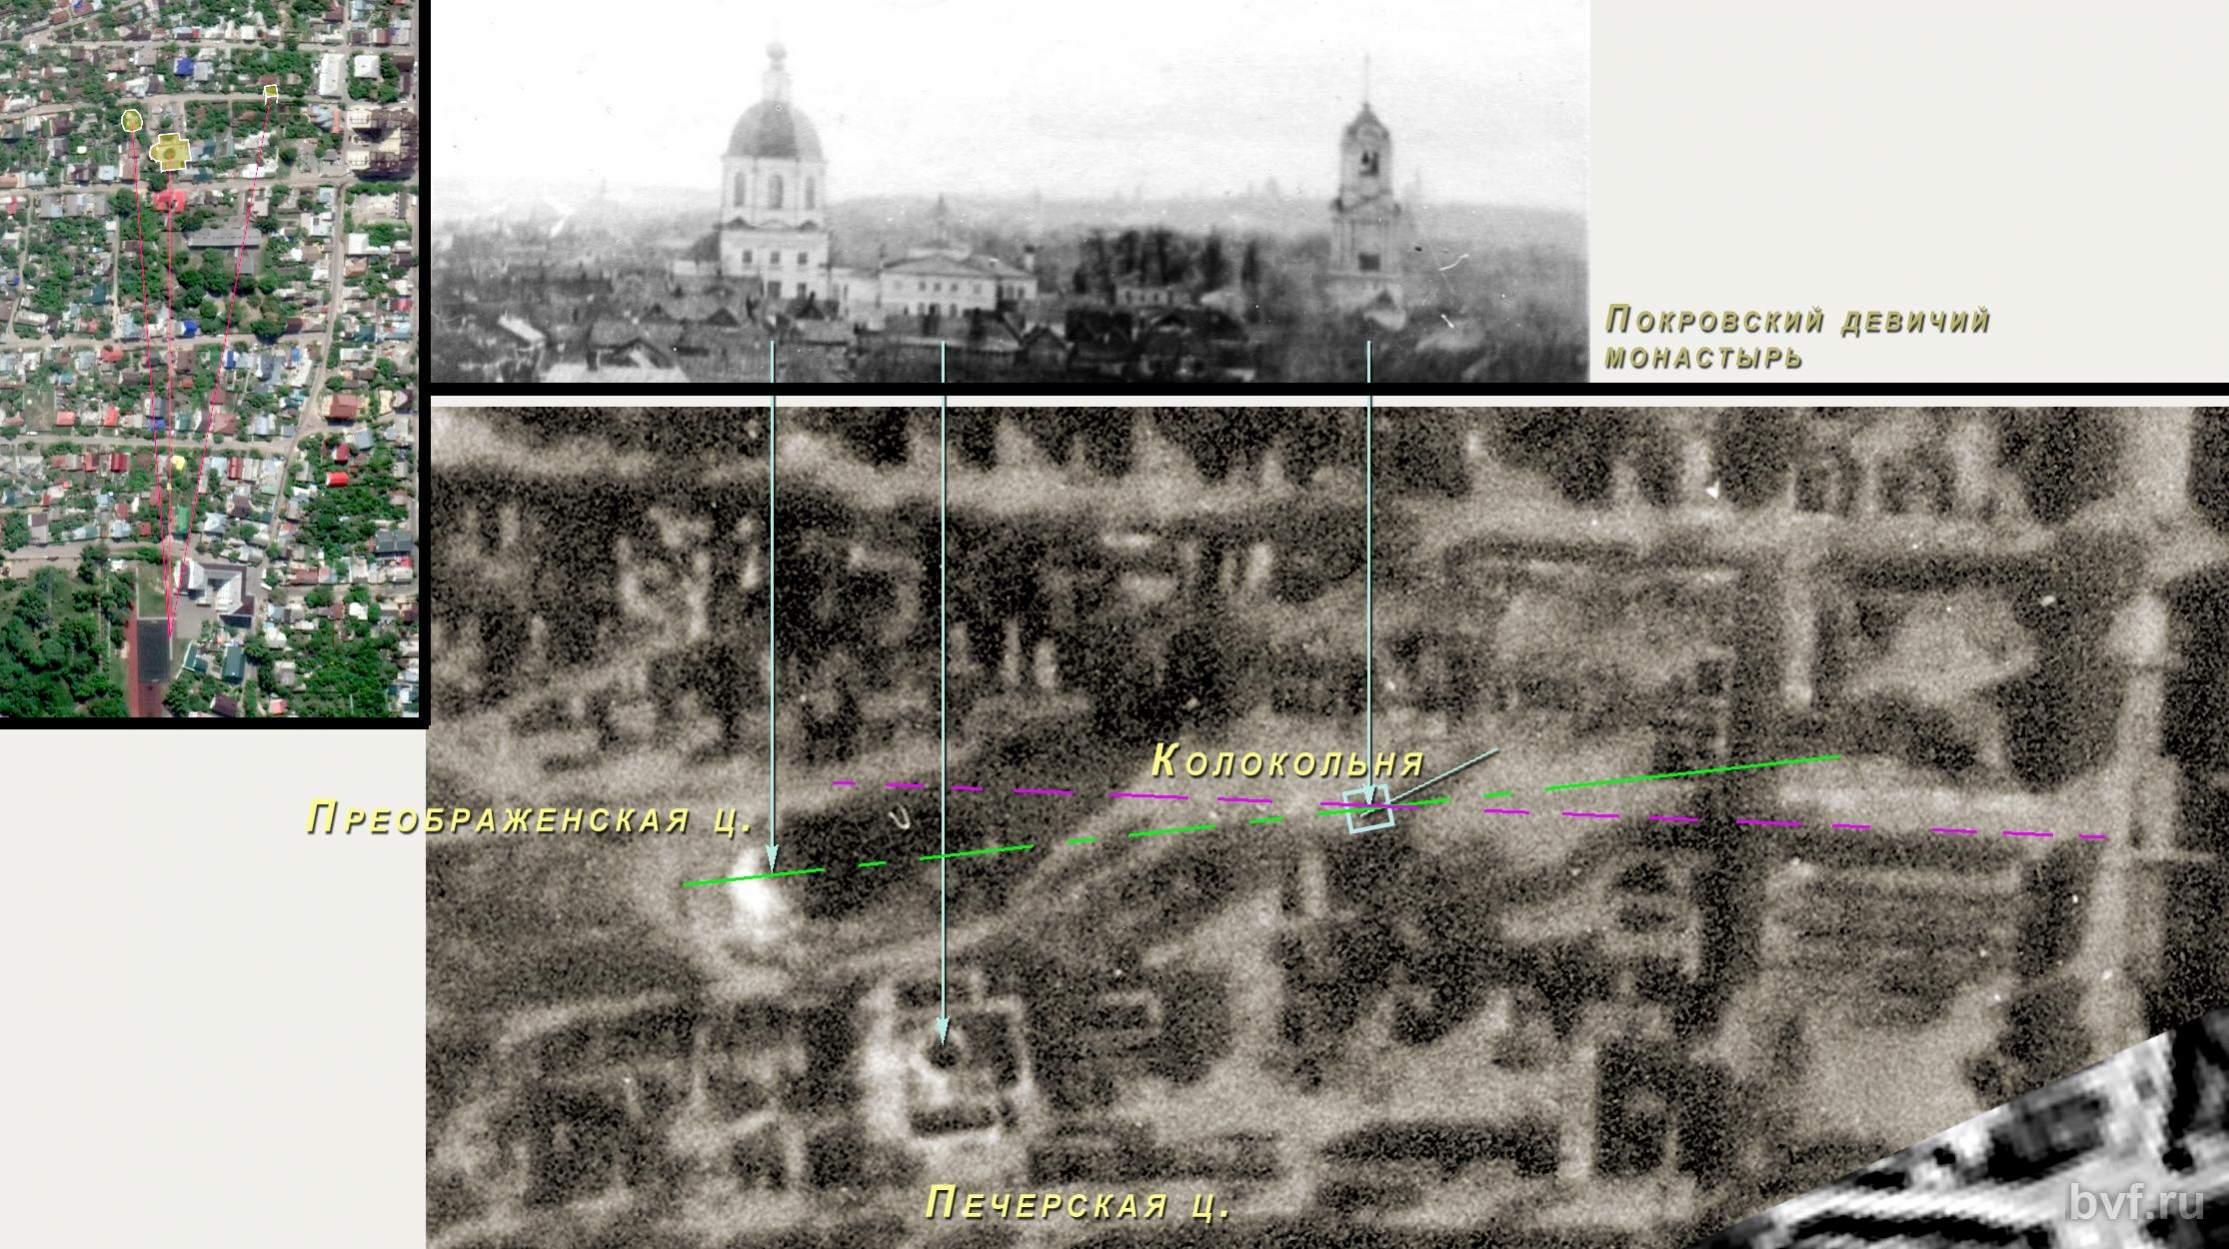 Нажмите на изображение для увеличения Название: Покр девич монастырь.jpg Просмотров: 36 Размер:360.3 Кб ID:2982359